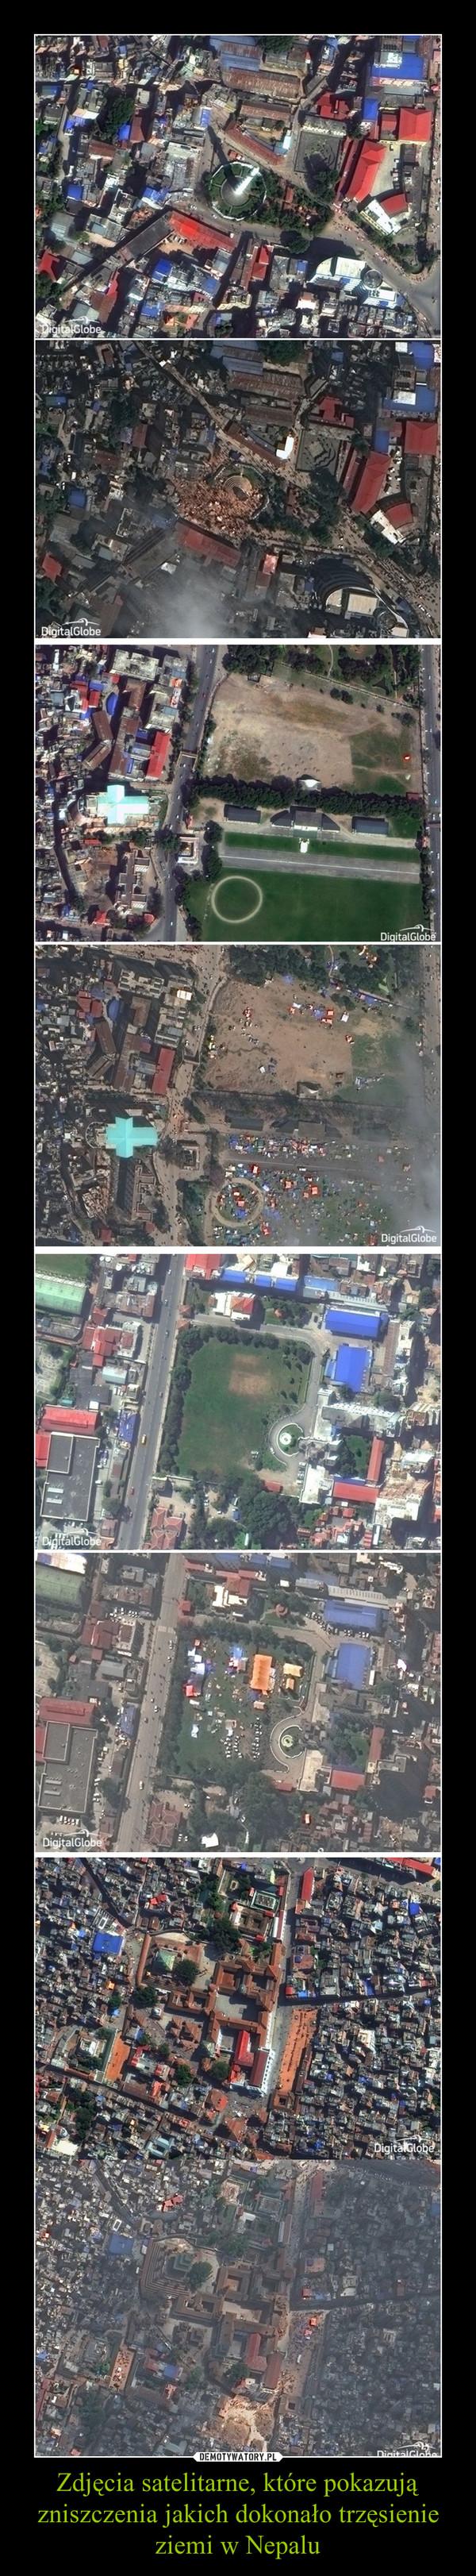 Zdjęcia satelitarne, które pokazują zniszczenia jakich dokonało trzęsienie ziemi w Nepalu –